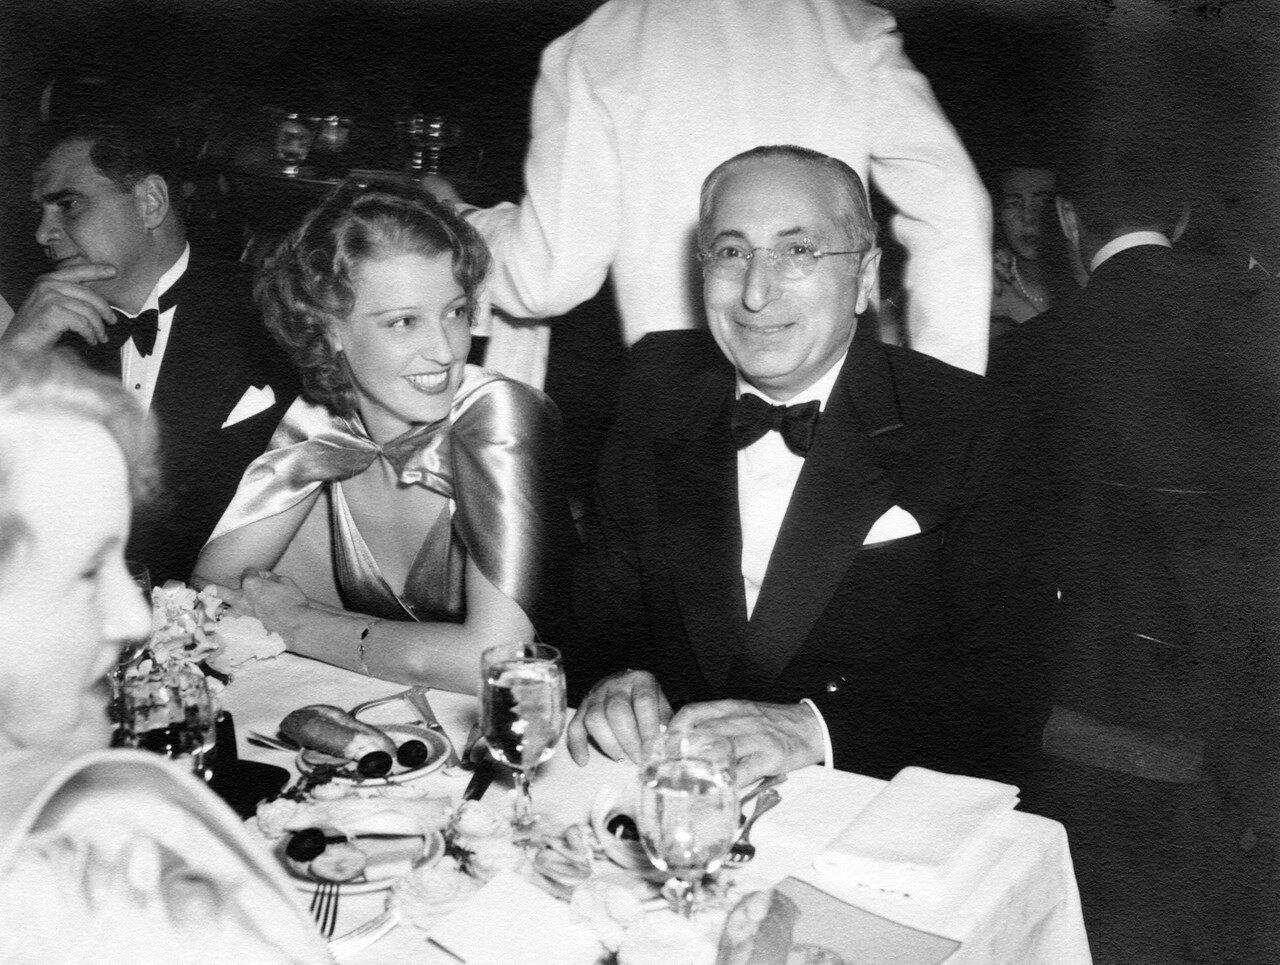 1935. Джанет Макдональд и Луис Барт Майер на банкете по случаю вручения премий Академии